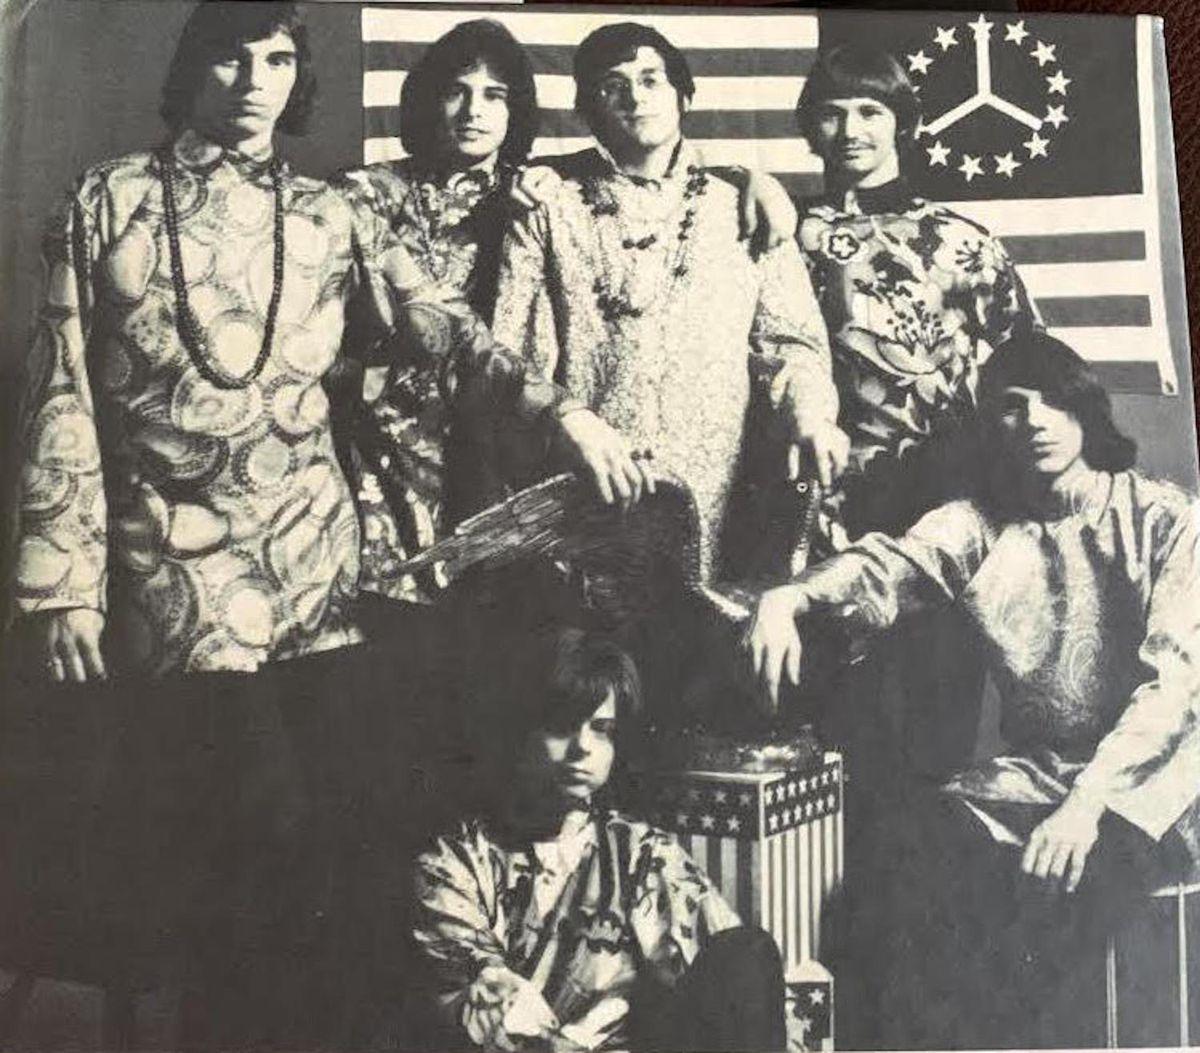 John Drake (far left) and the Amboy Dukes.